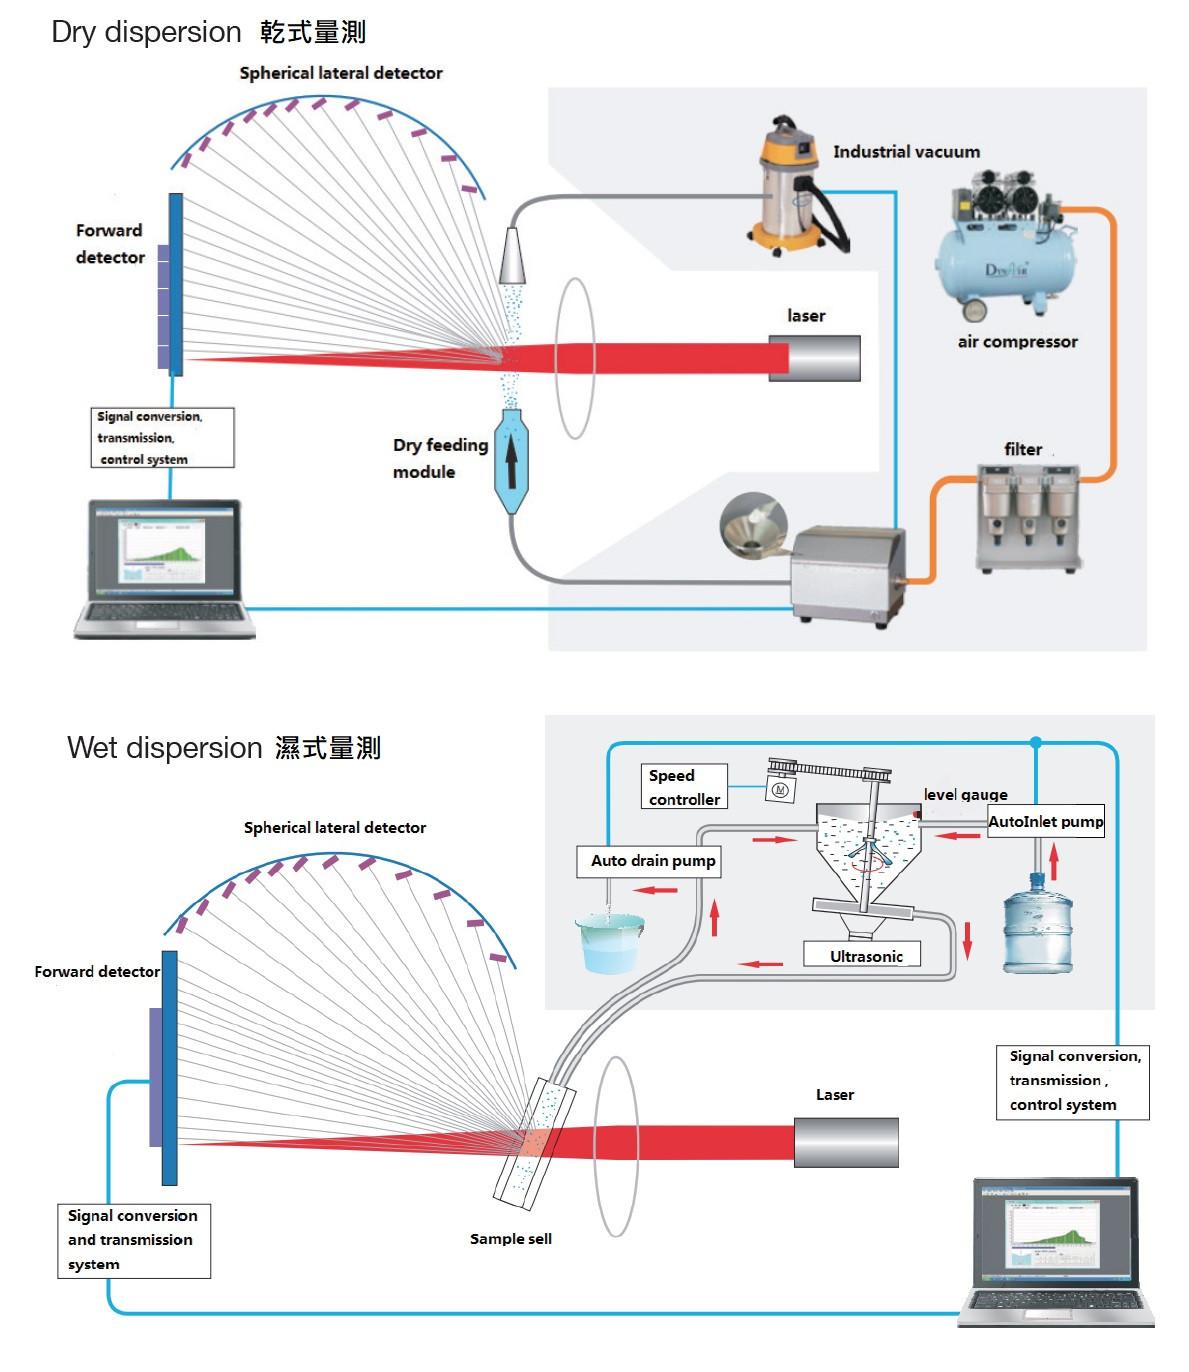 乾式、溼式粒徑分析運作流程